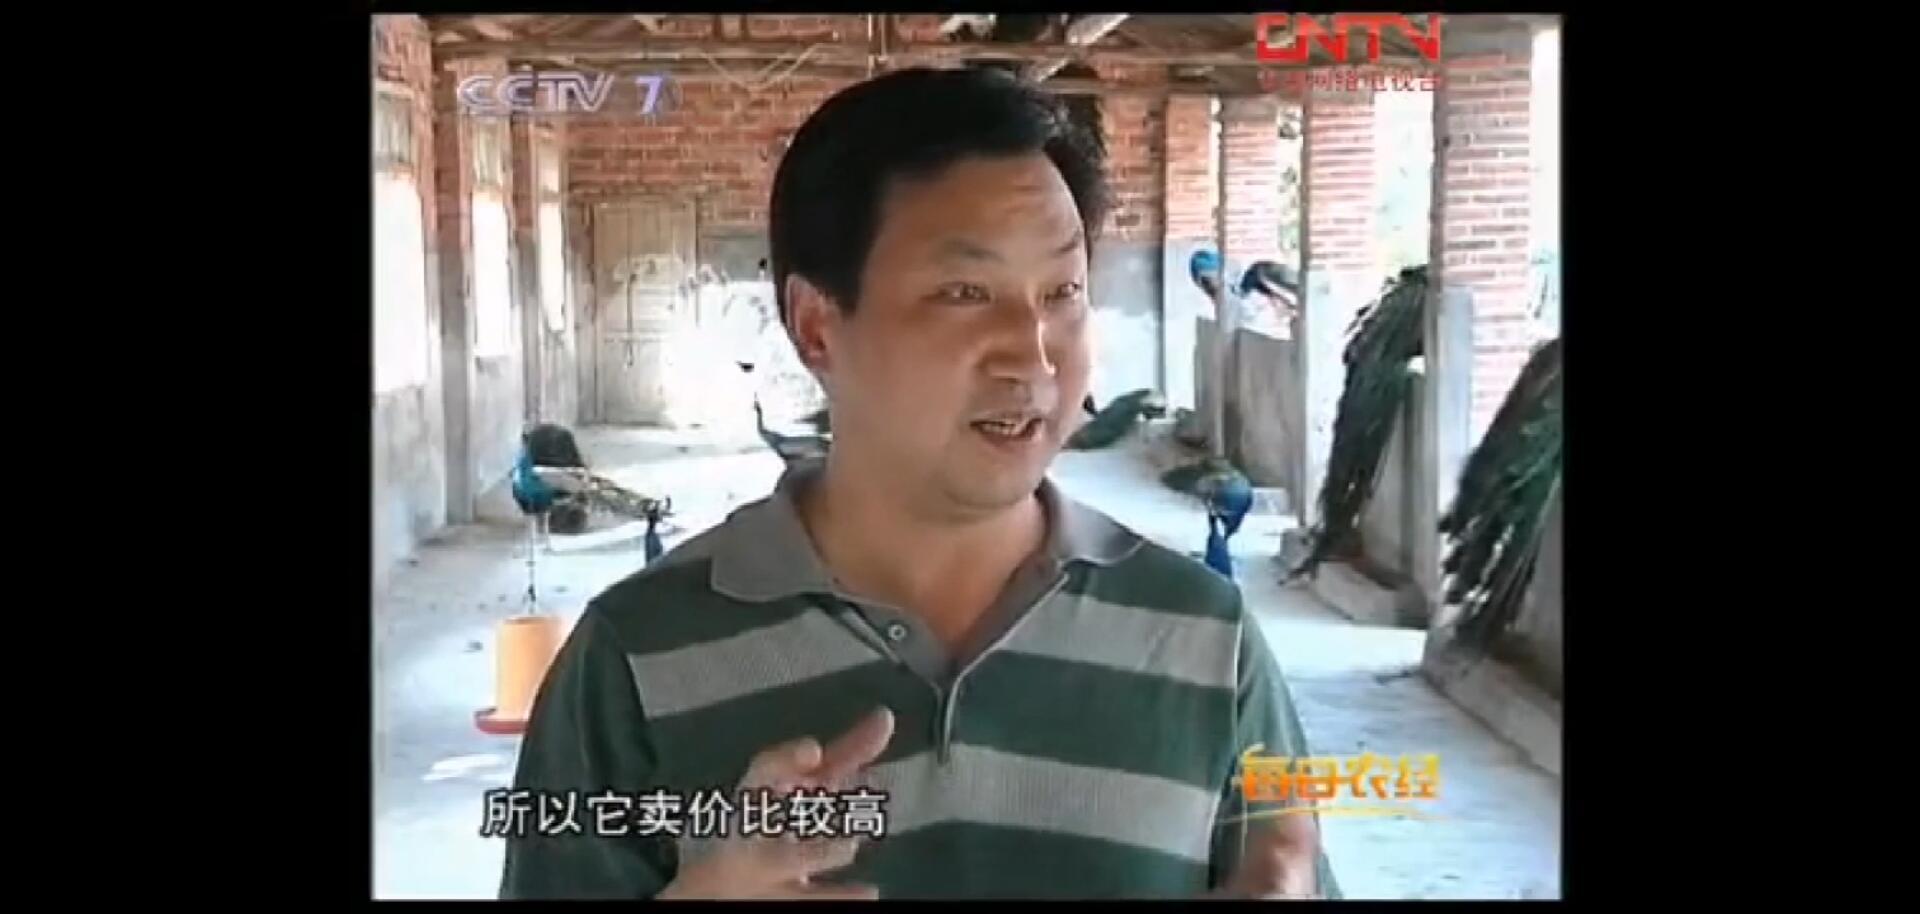 CCTV-7每日农经中华彩票网是不是真的蛋也赚钱